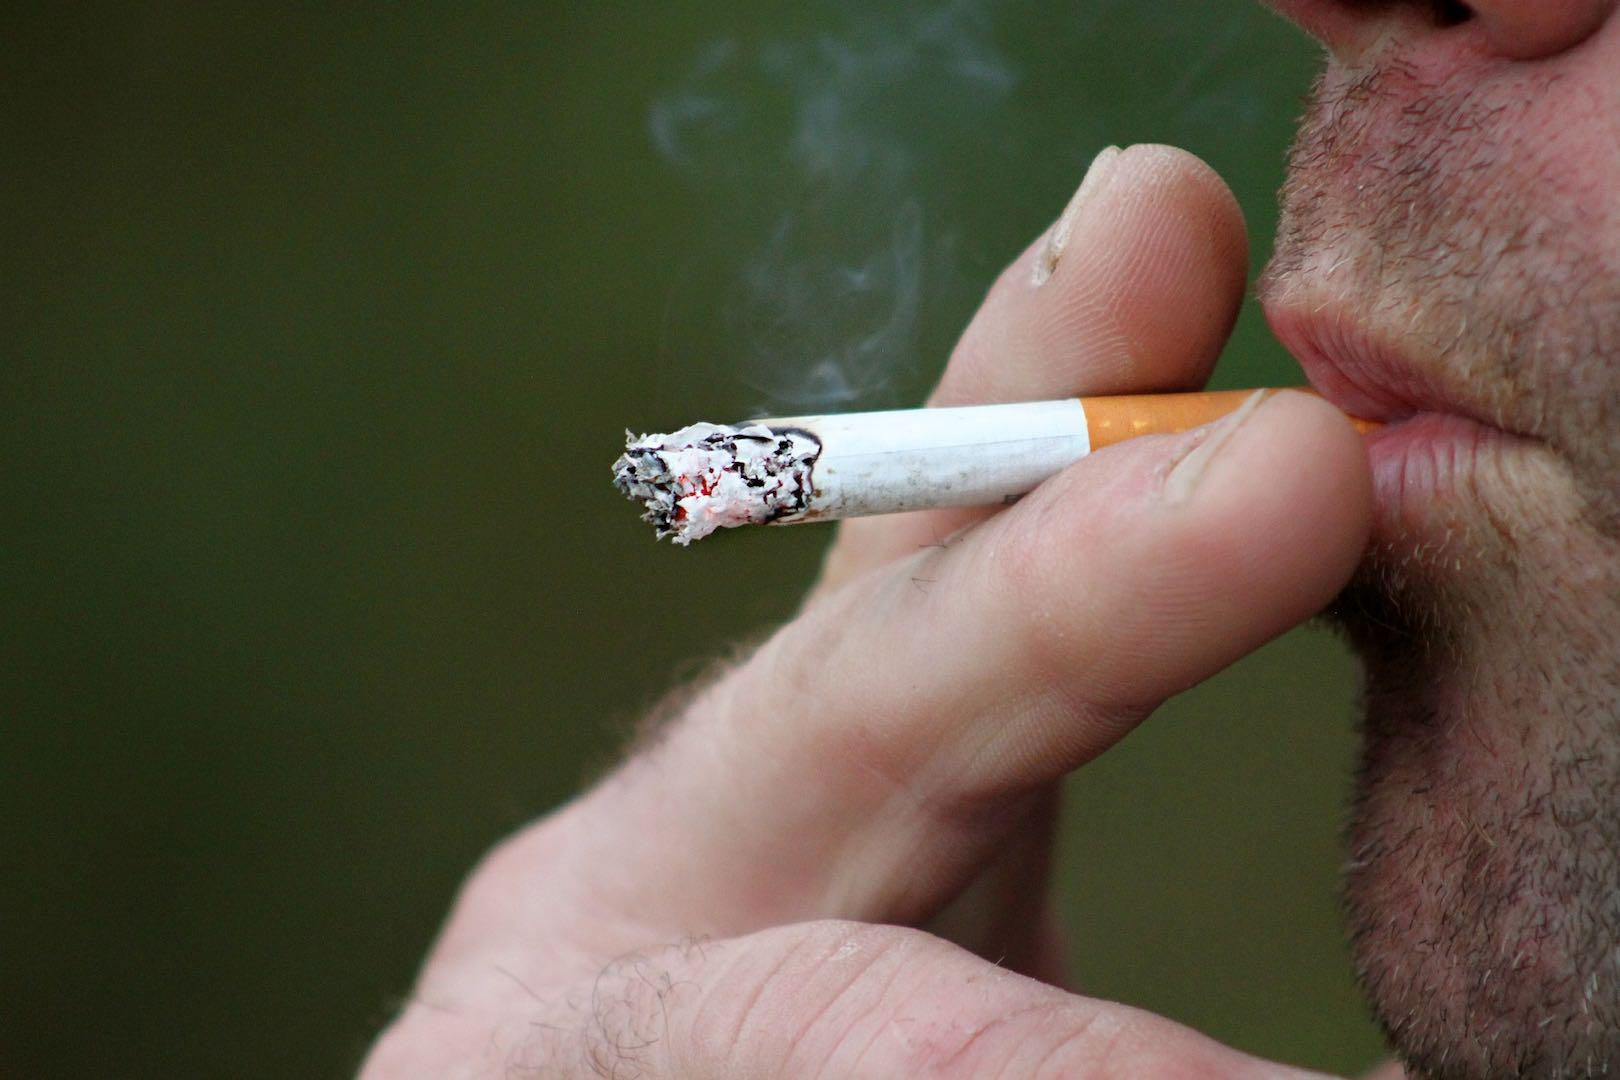 homem fumando cigarro